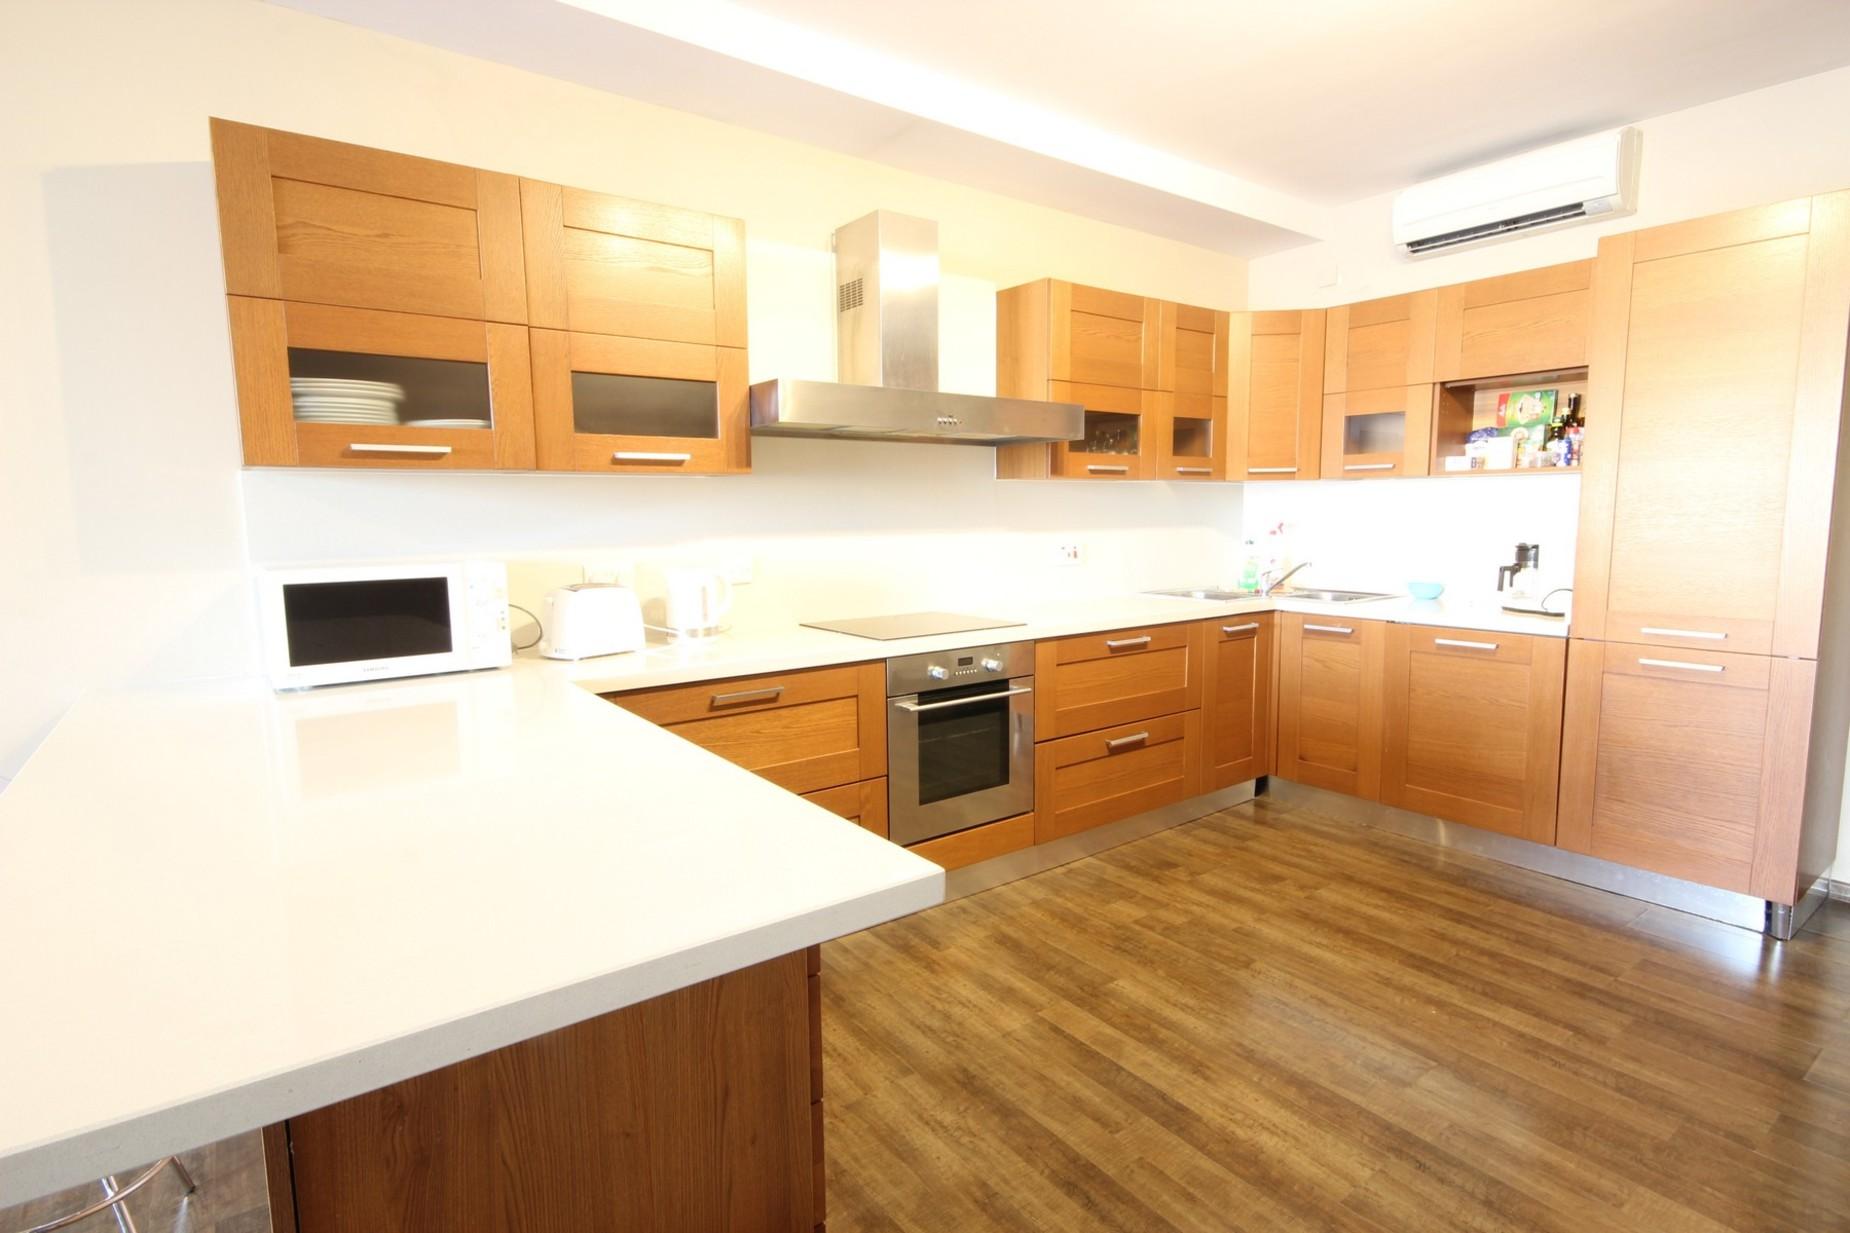 3 bed Apartment For Rent in Vittoriosa, Vittoriosa - thumb 5